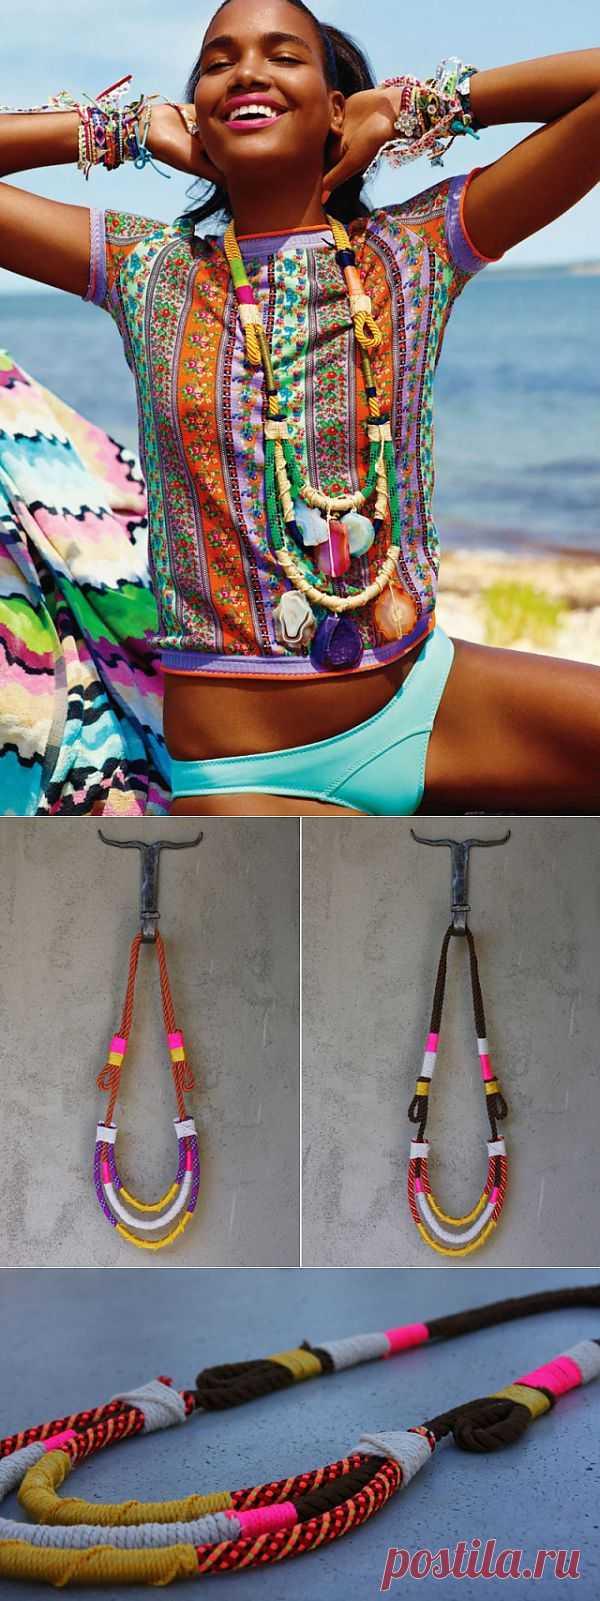 Абсолютная Африка (мастер-класс) / Украшения и бижутерия / Модный сайт о стильной переделке одежды и интерьера